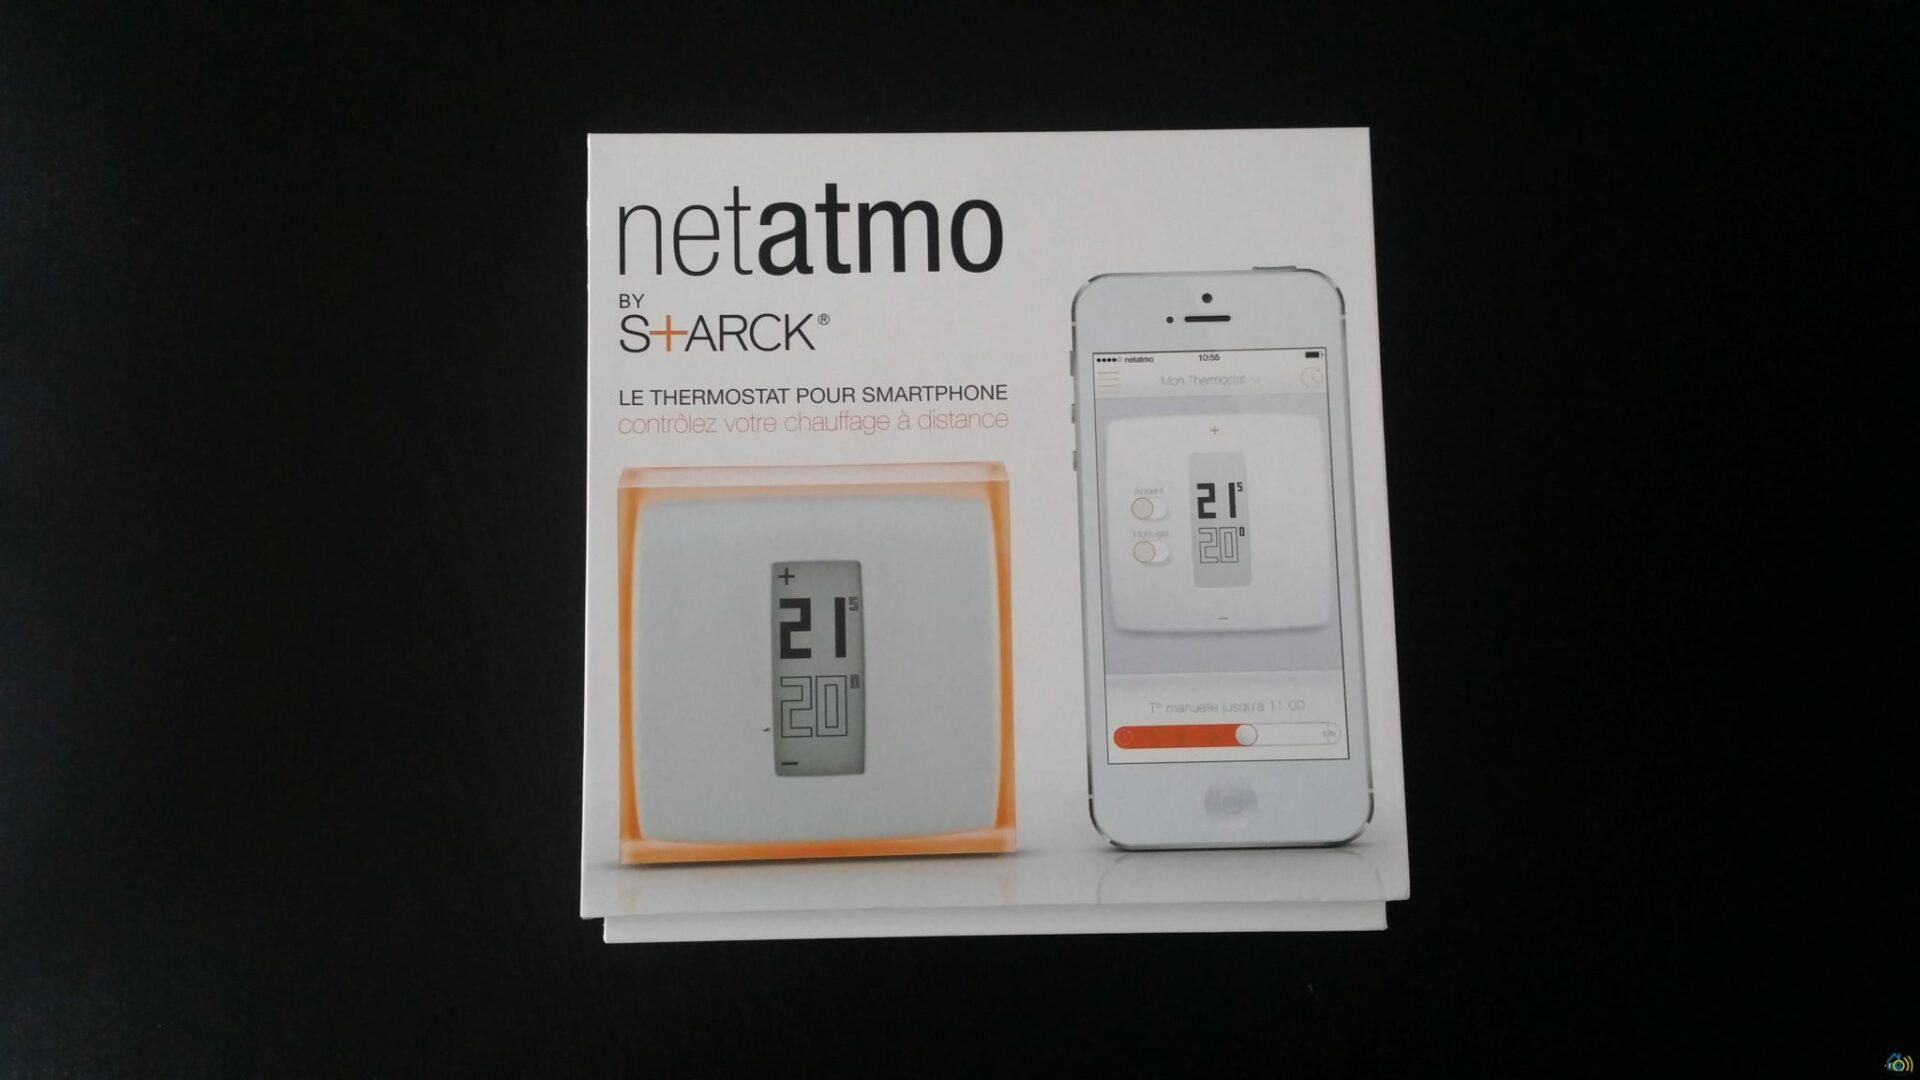 pr sentation et test du thermostat netatmo. Black Bedroom Furniture Sets. Home Design Ideas